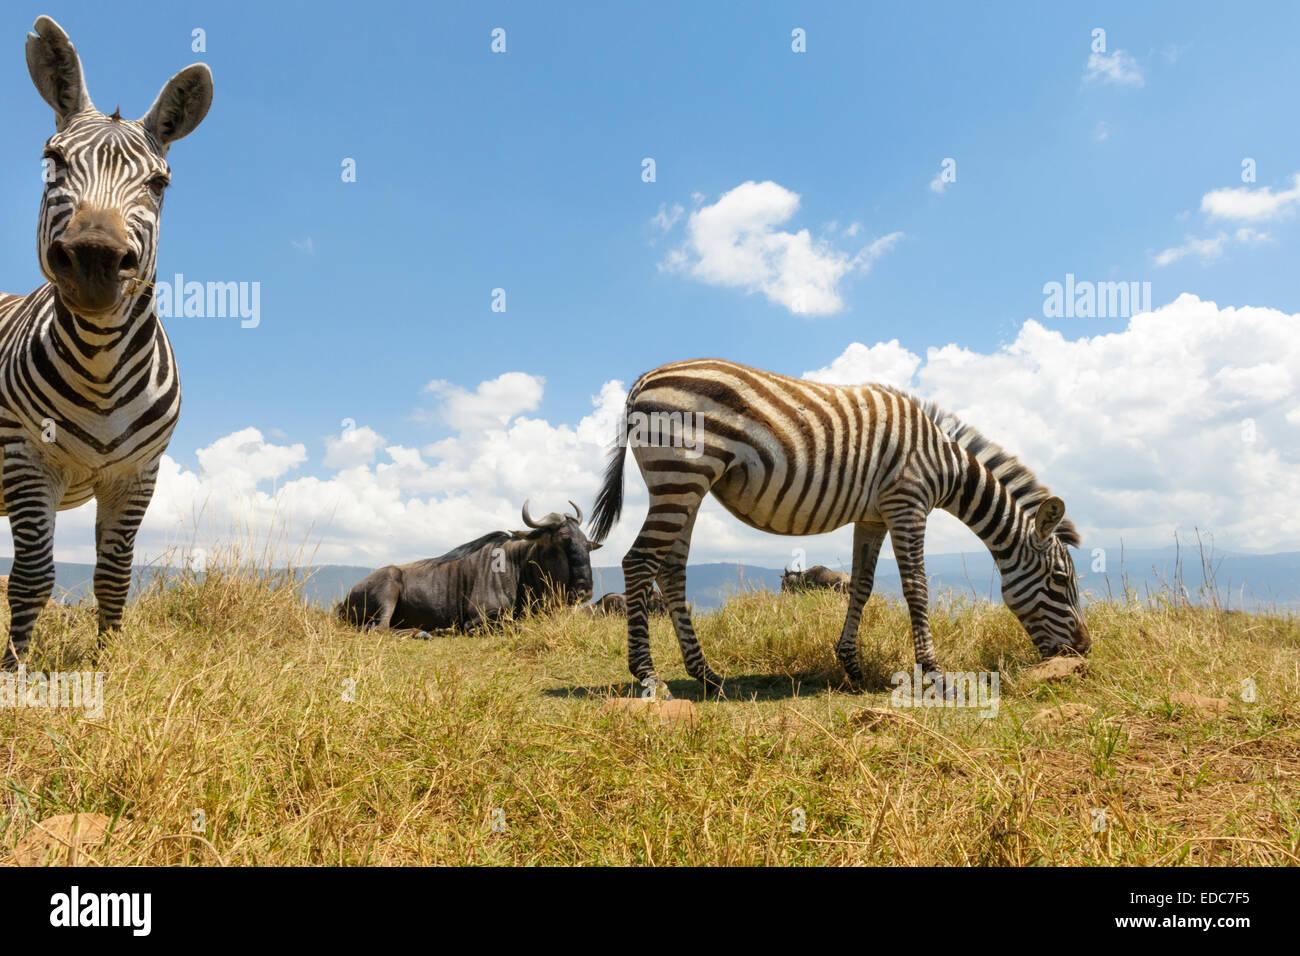 Plains Zebra (Equus quagga) grazing on the plain in the Ngorongor crater, from groundlevel, close up, Ngorongoro - Stock Image